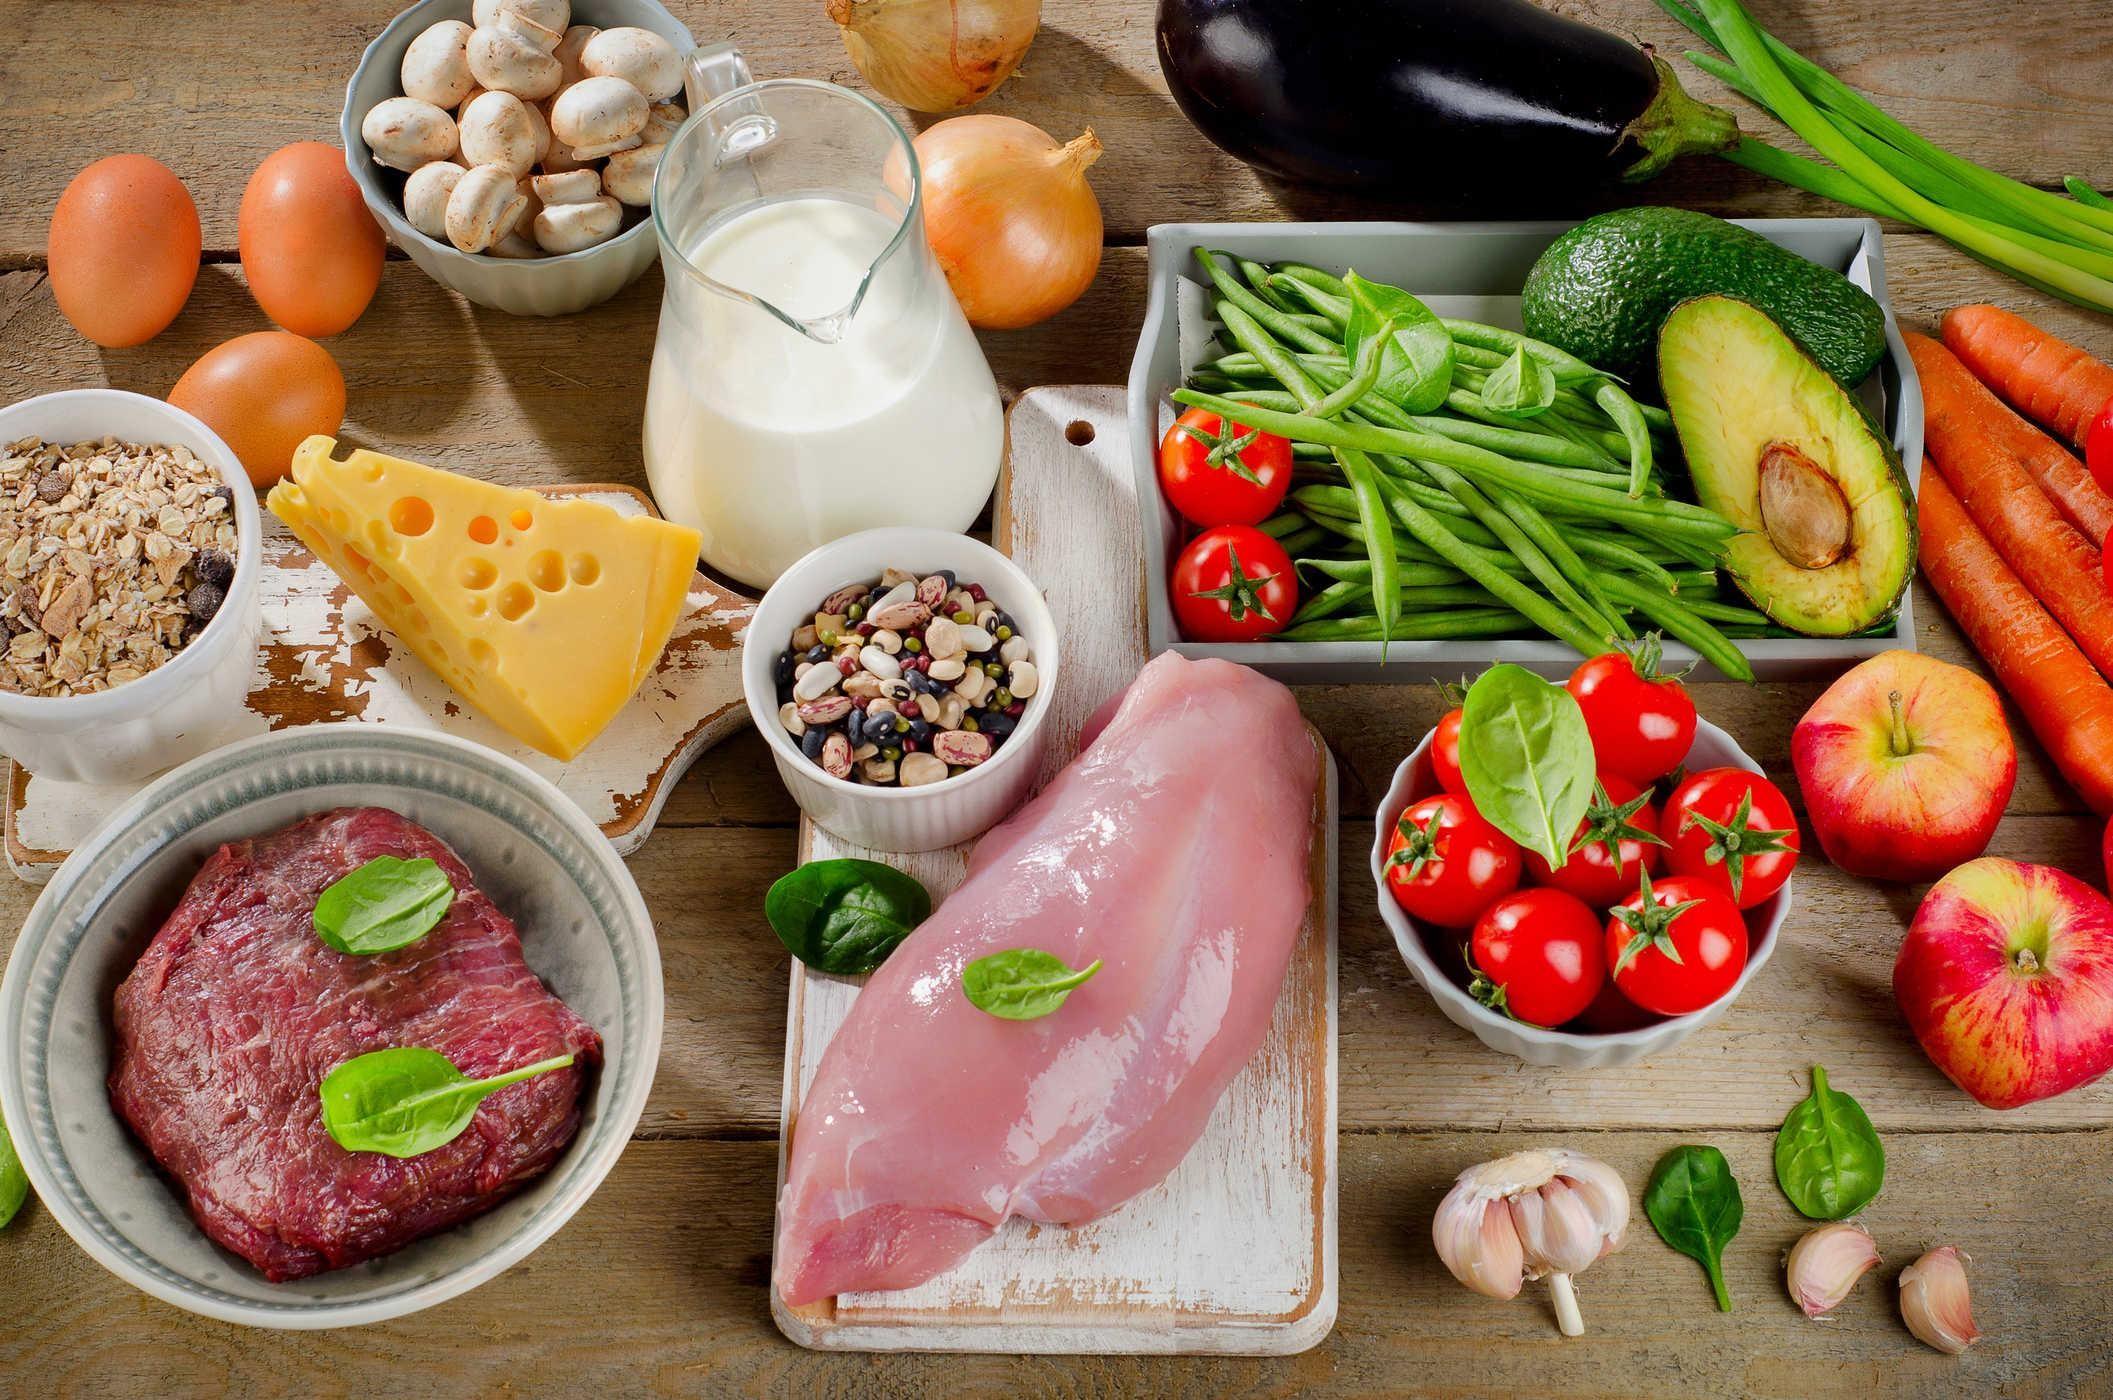 Chế độ dinh dưỡng cho người mắc hội chứng cường giáp